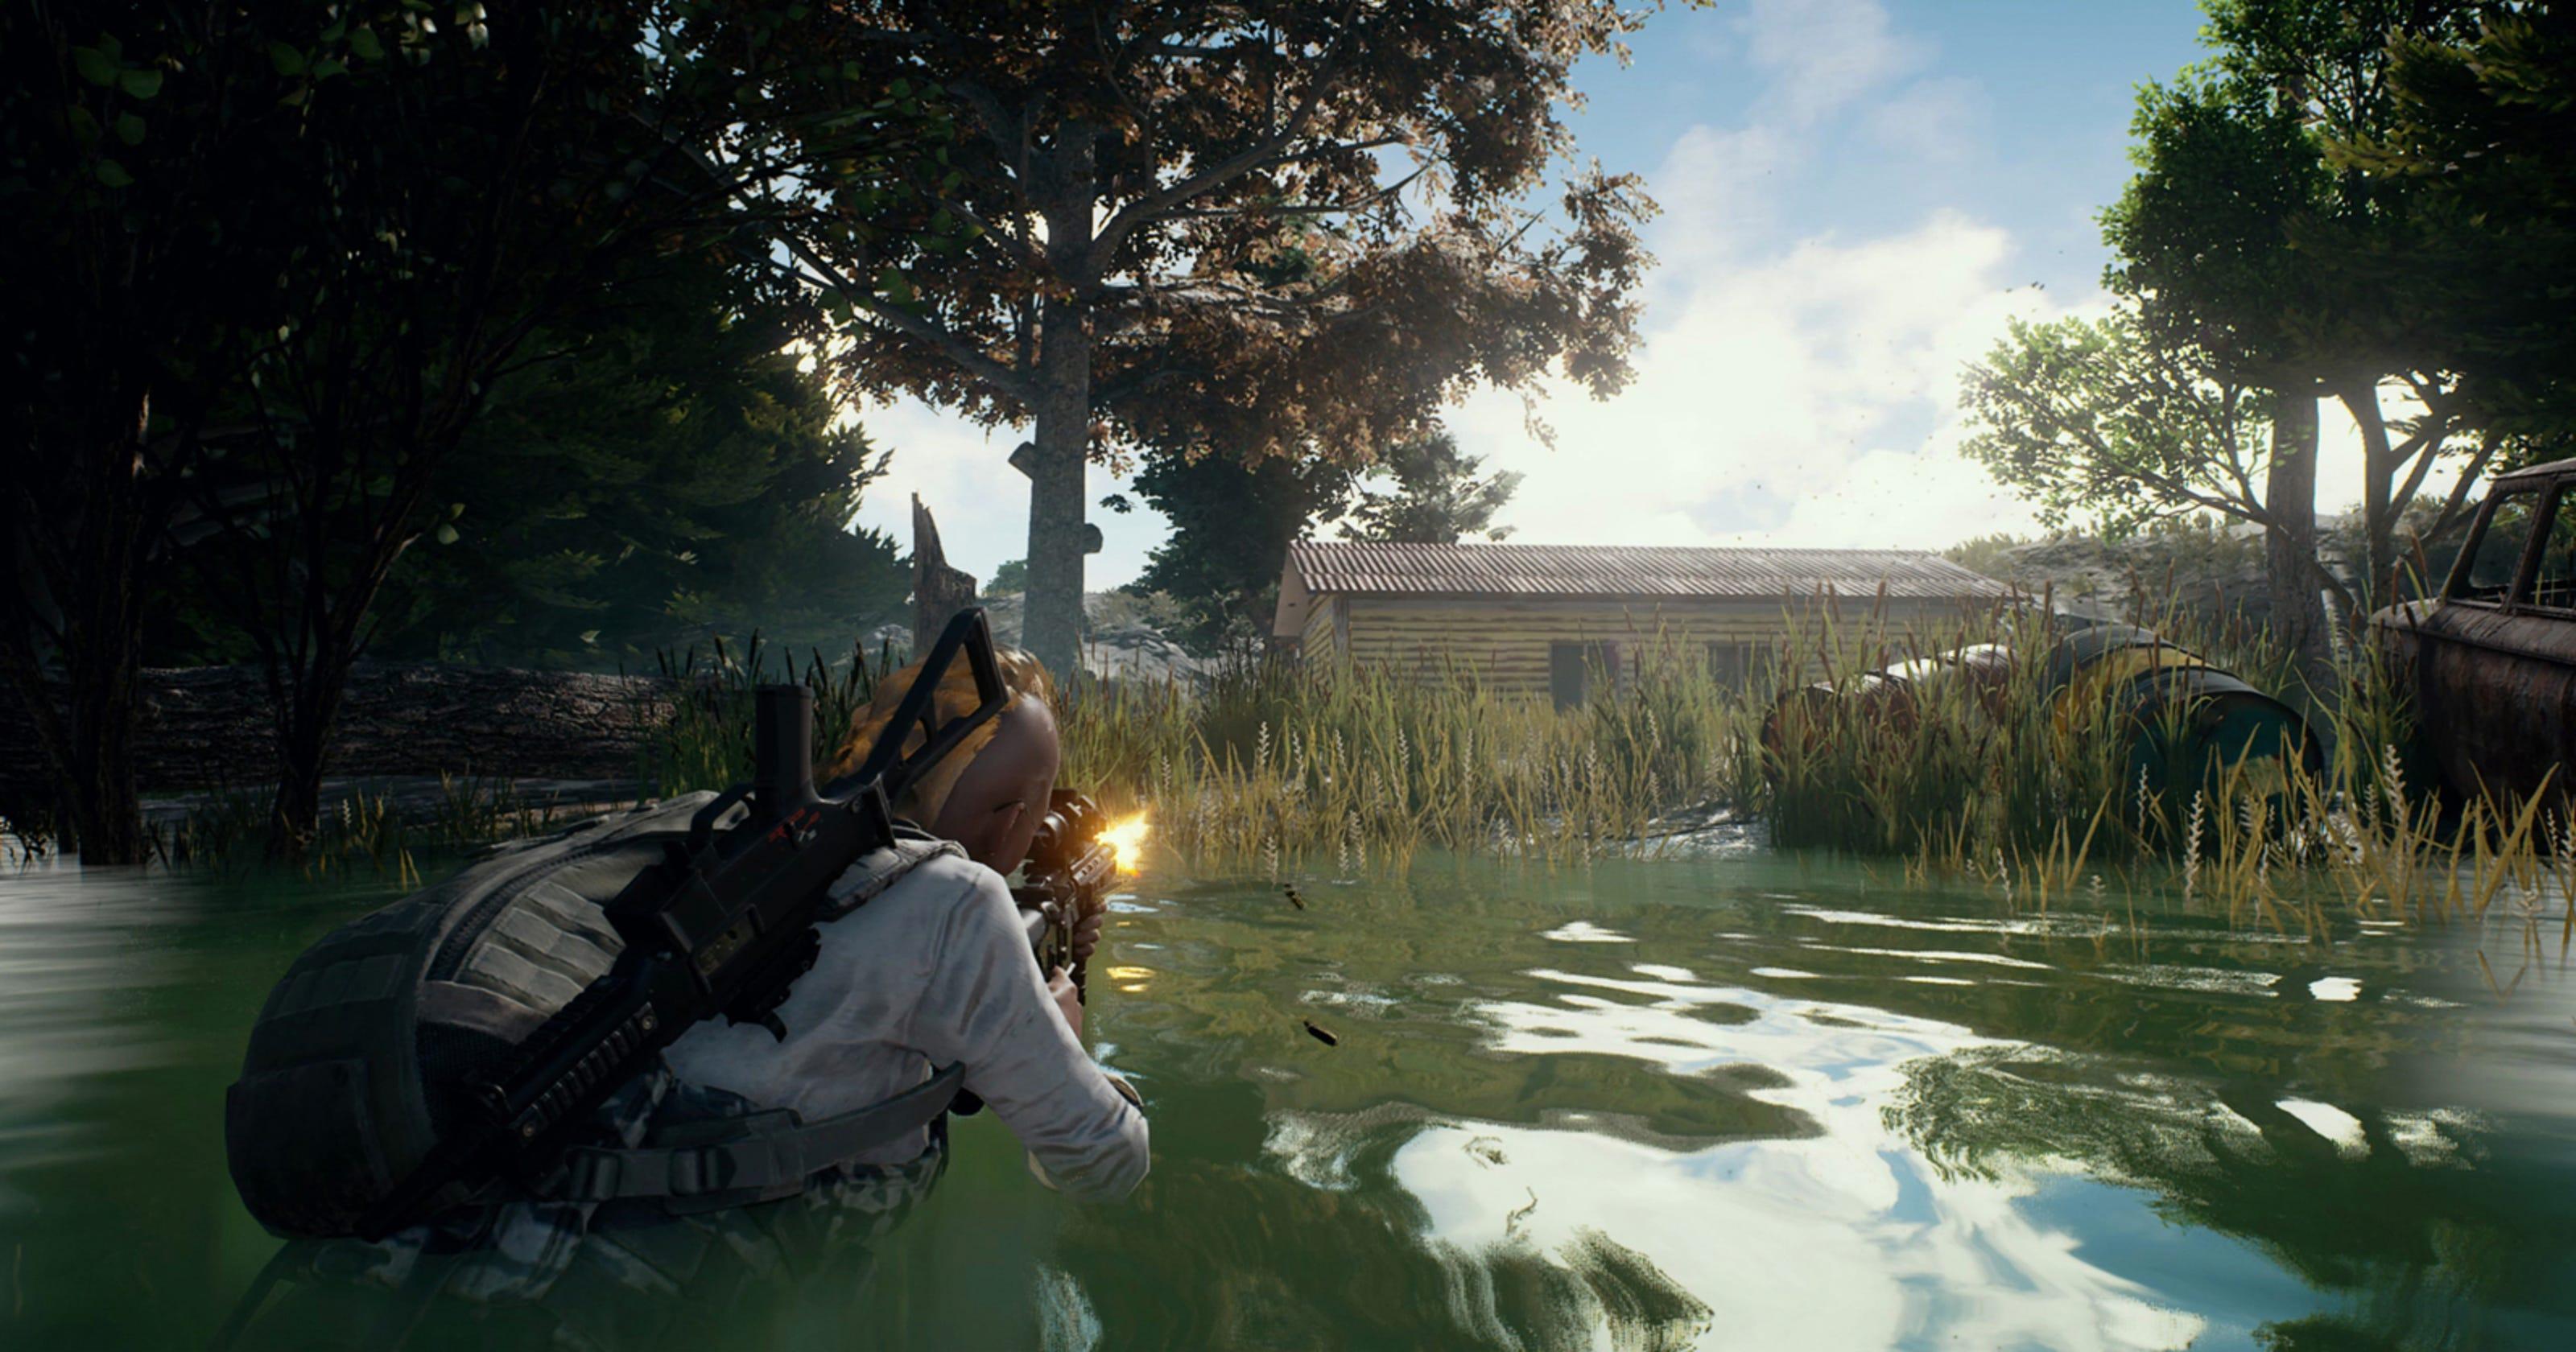 player unknowns battlegrounds biggest - HD1920×1080